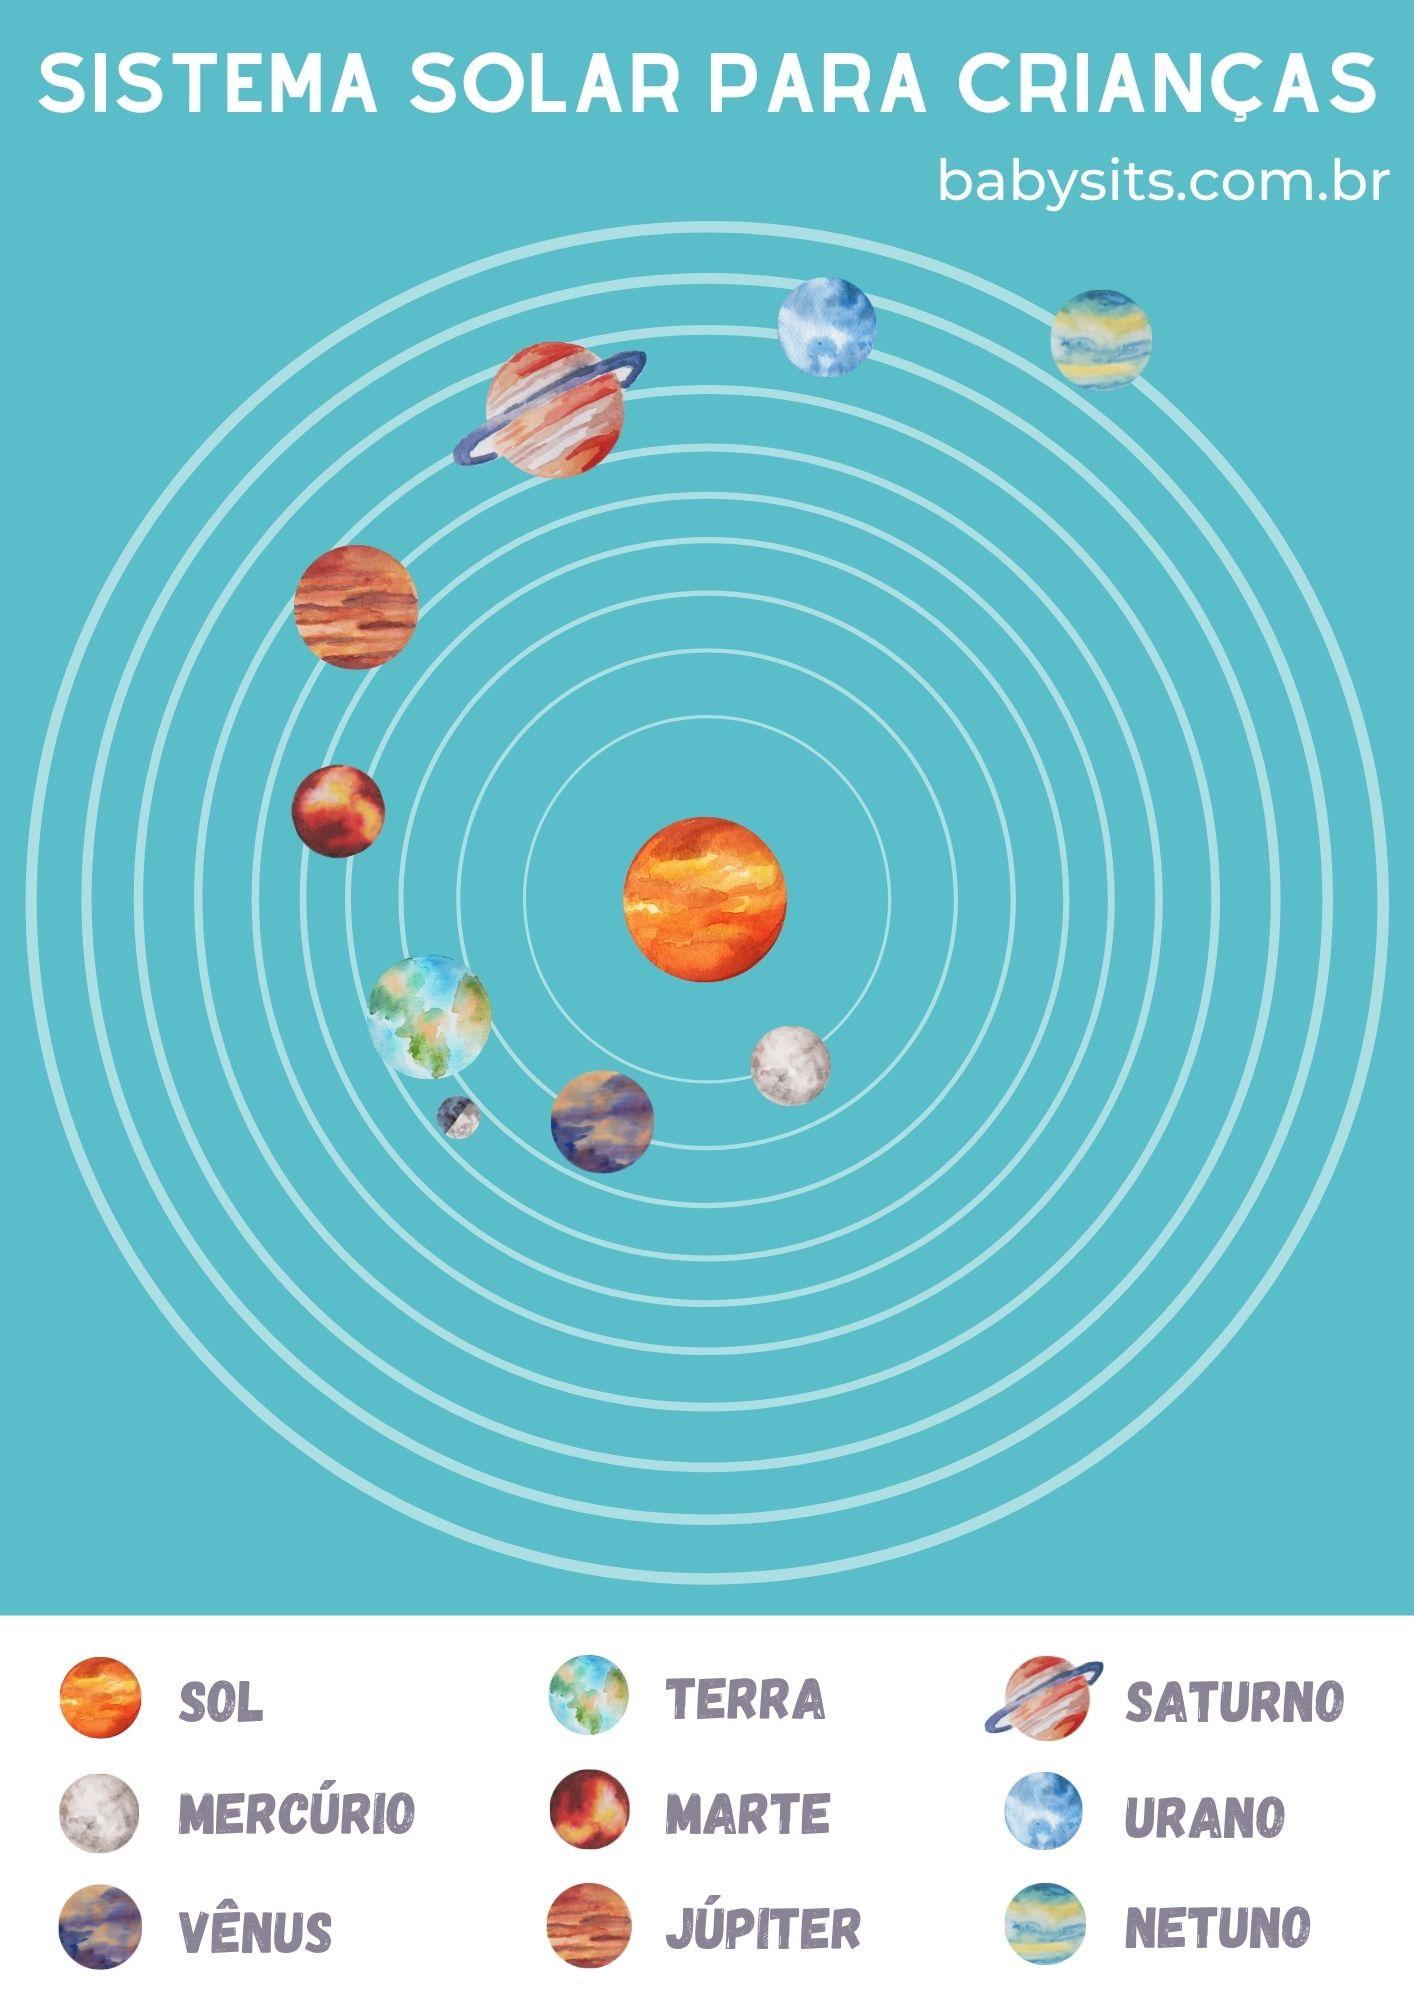 Modelo de Sistema Solar para crianças